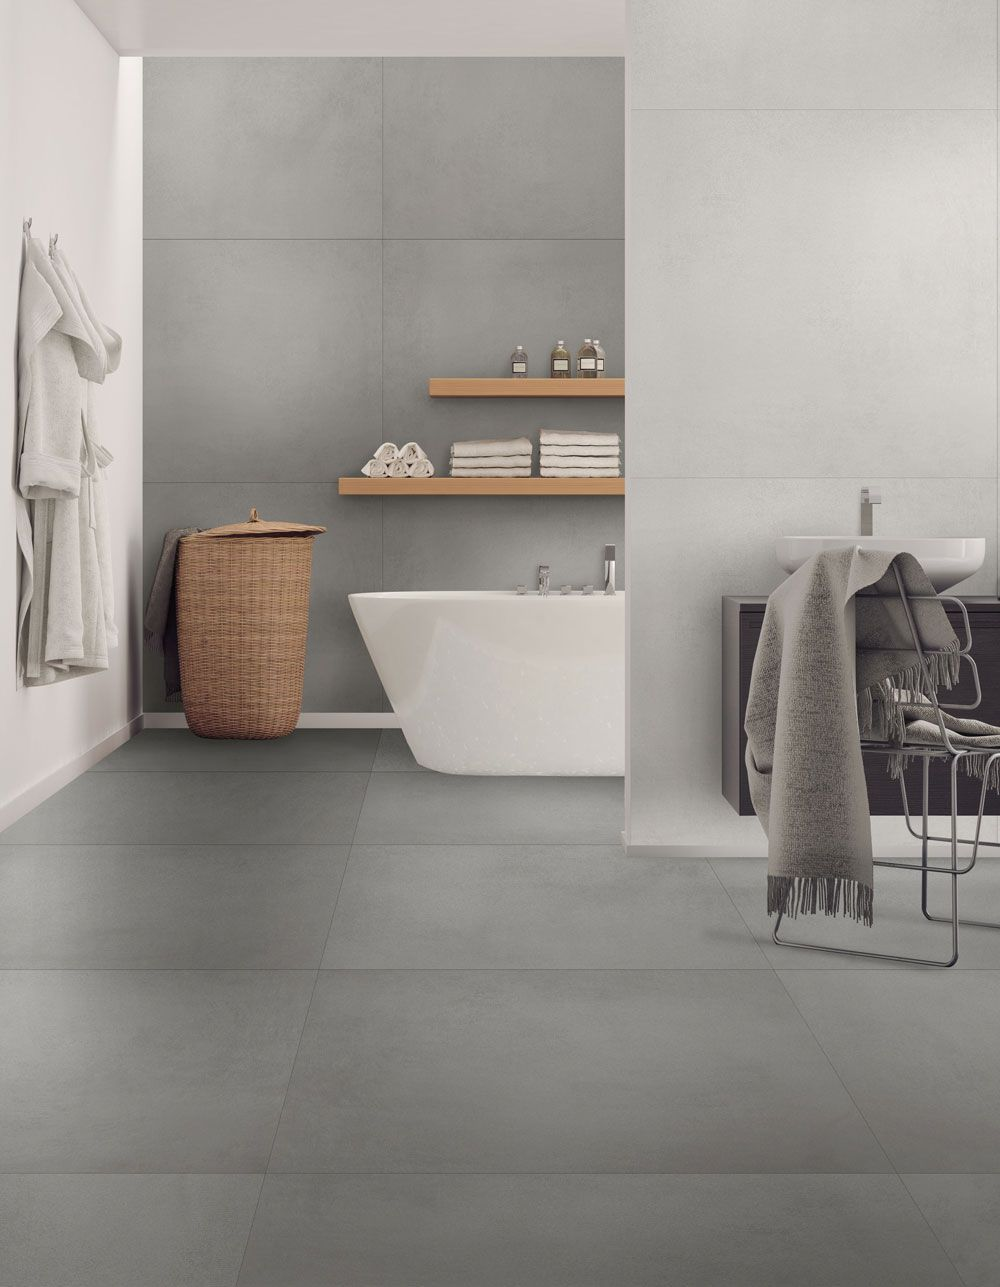 Seneste Link-serien: Fliseserie med elegant beton-look. Fliserne i Link JP08